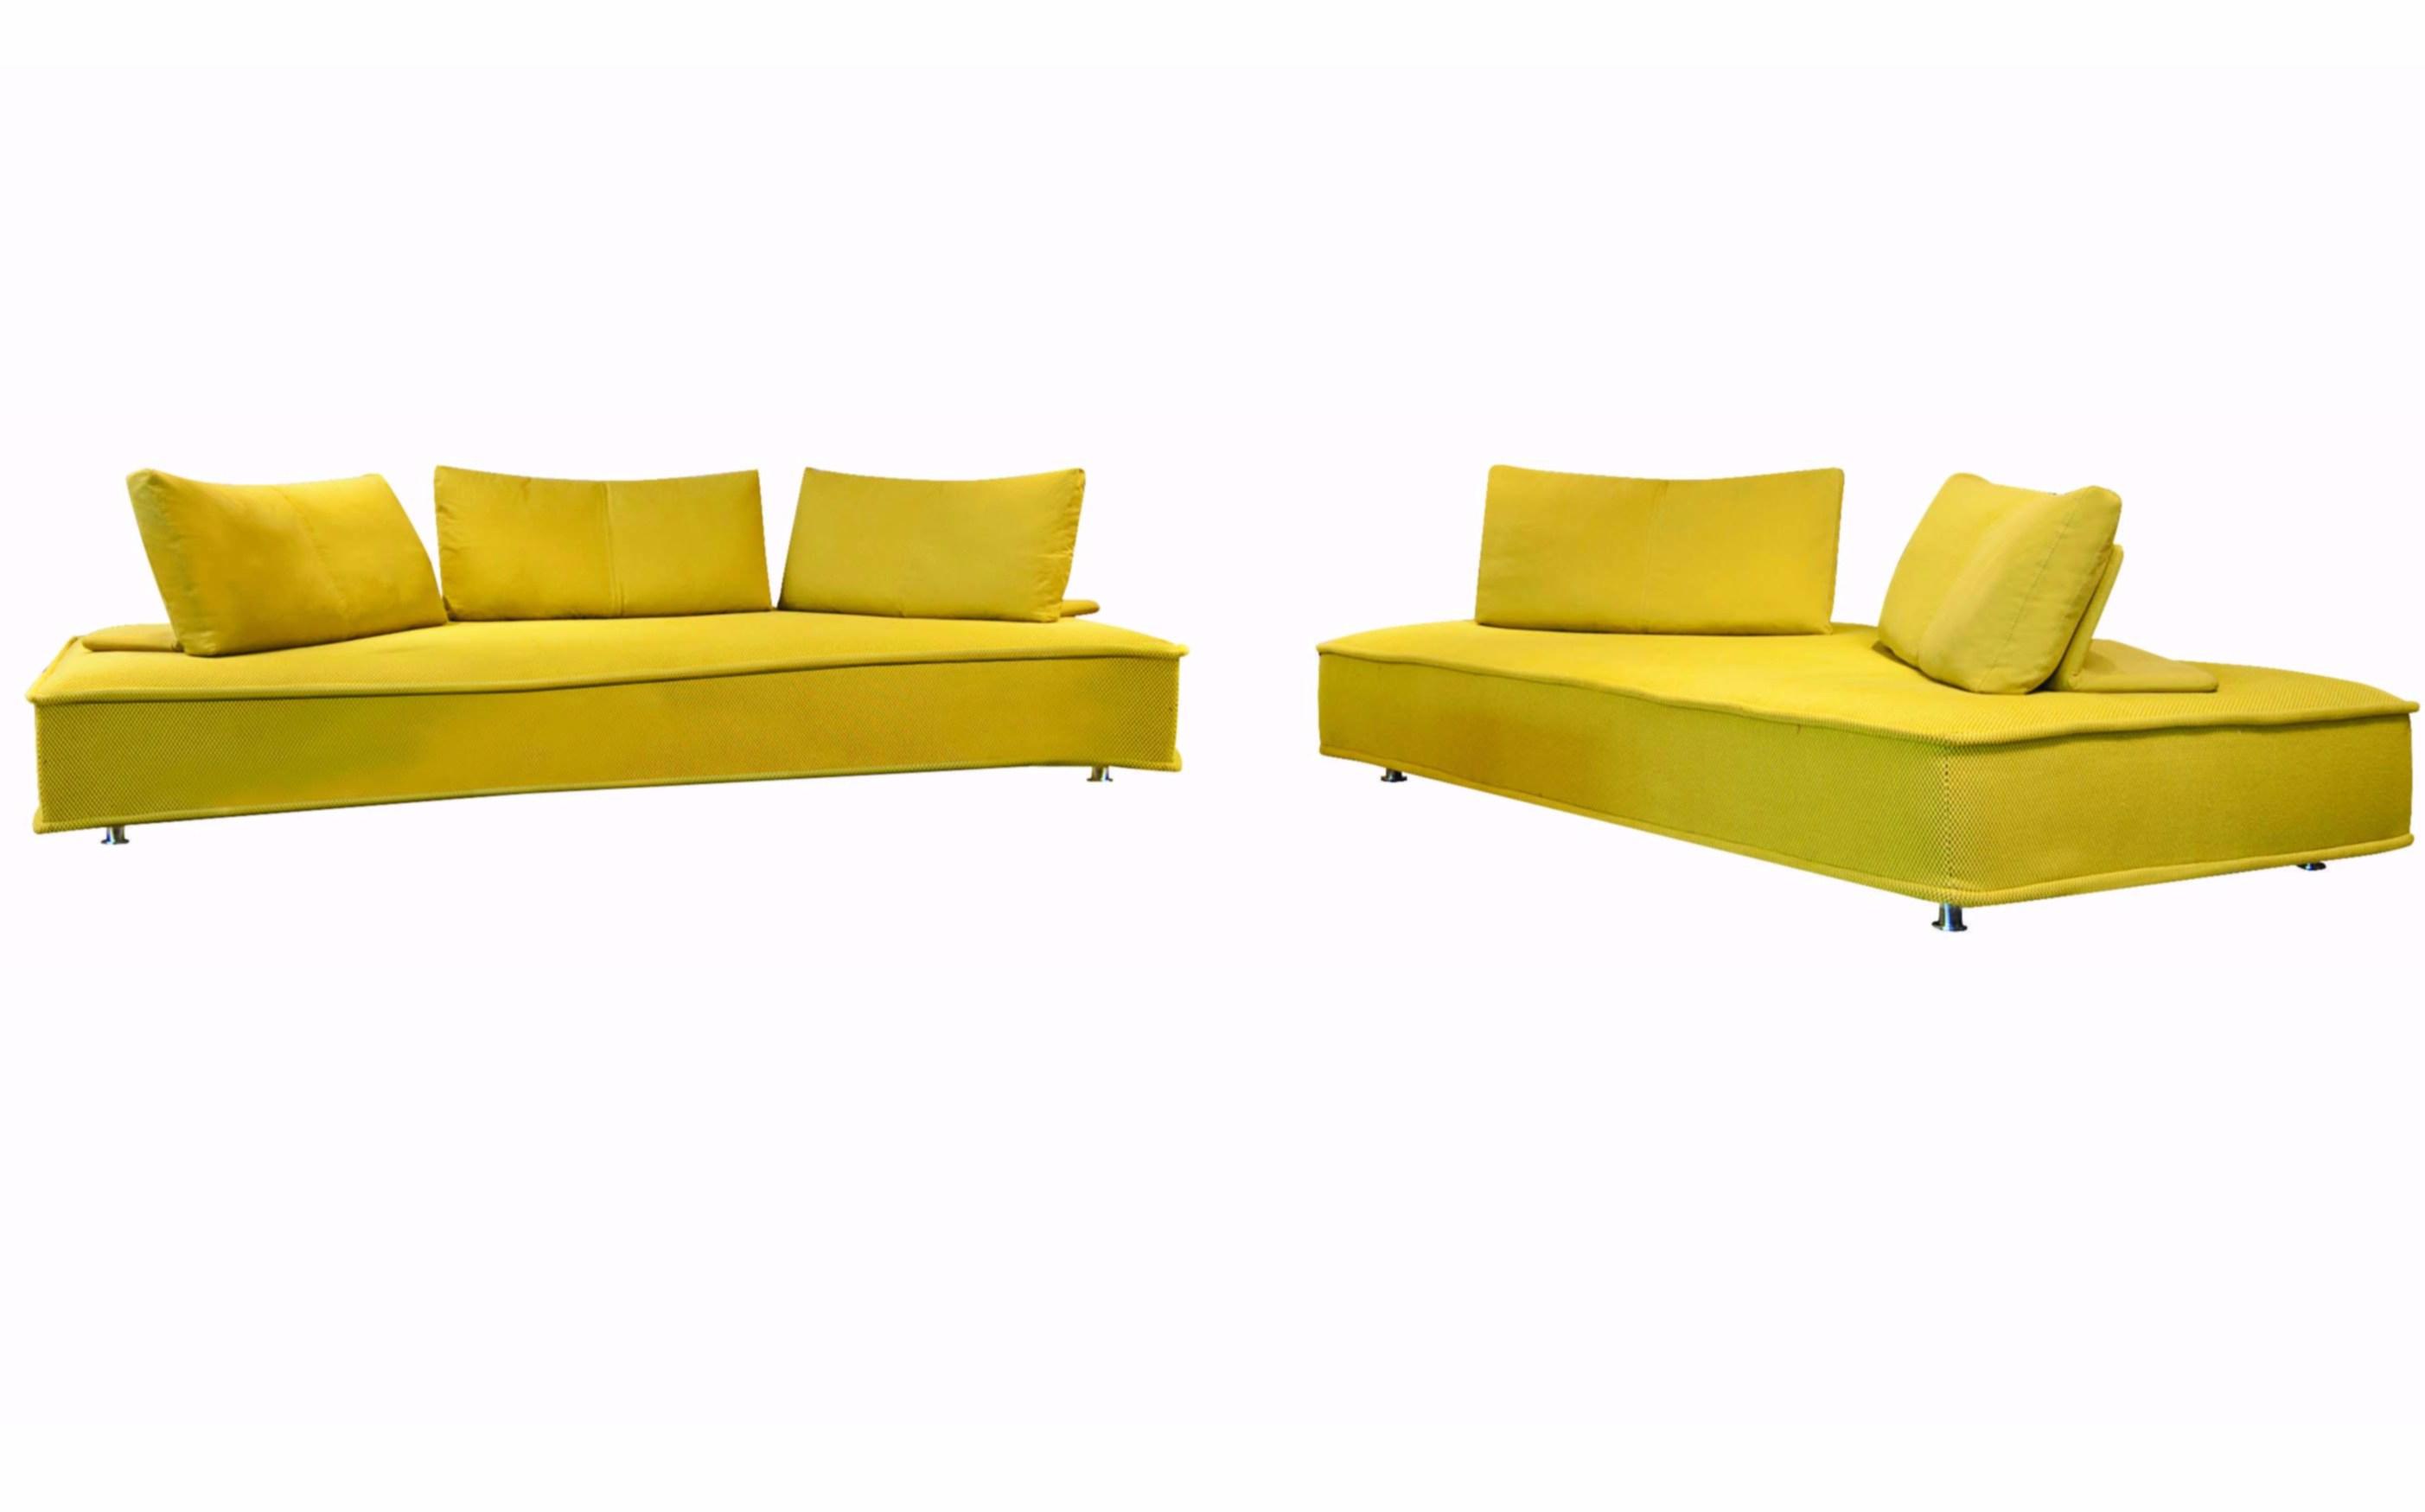 Canapé Mah Jong Prix Élégant Images Canape Roche Bobois Focus 5 Seat sofa sofas Roche Bobois Furniture